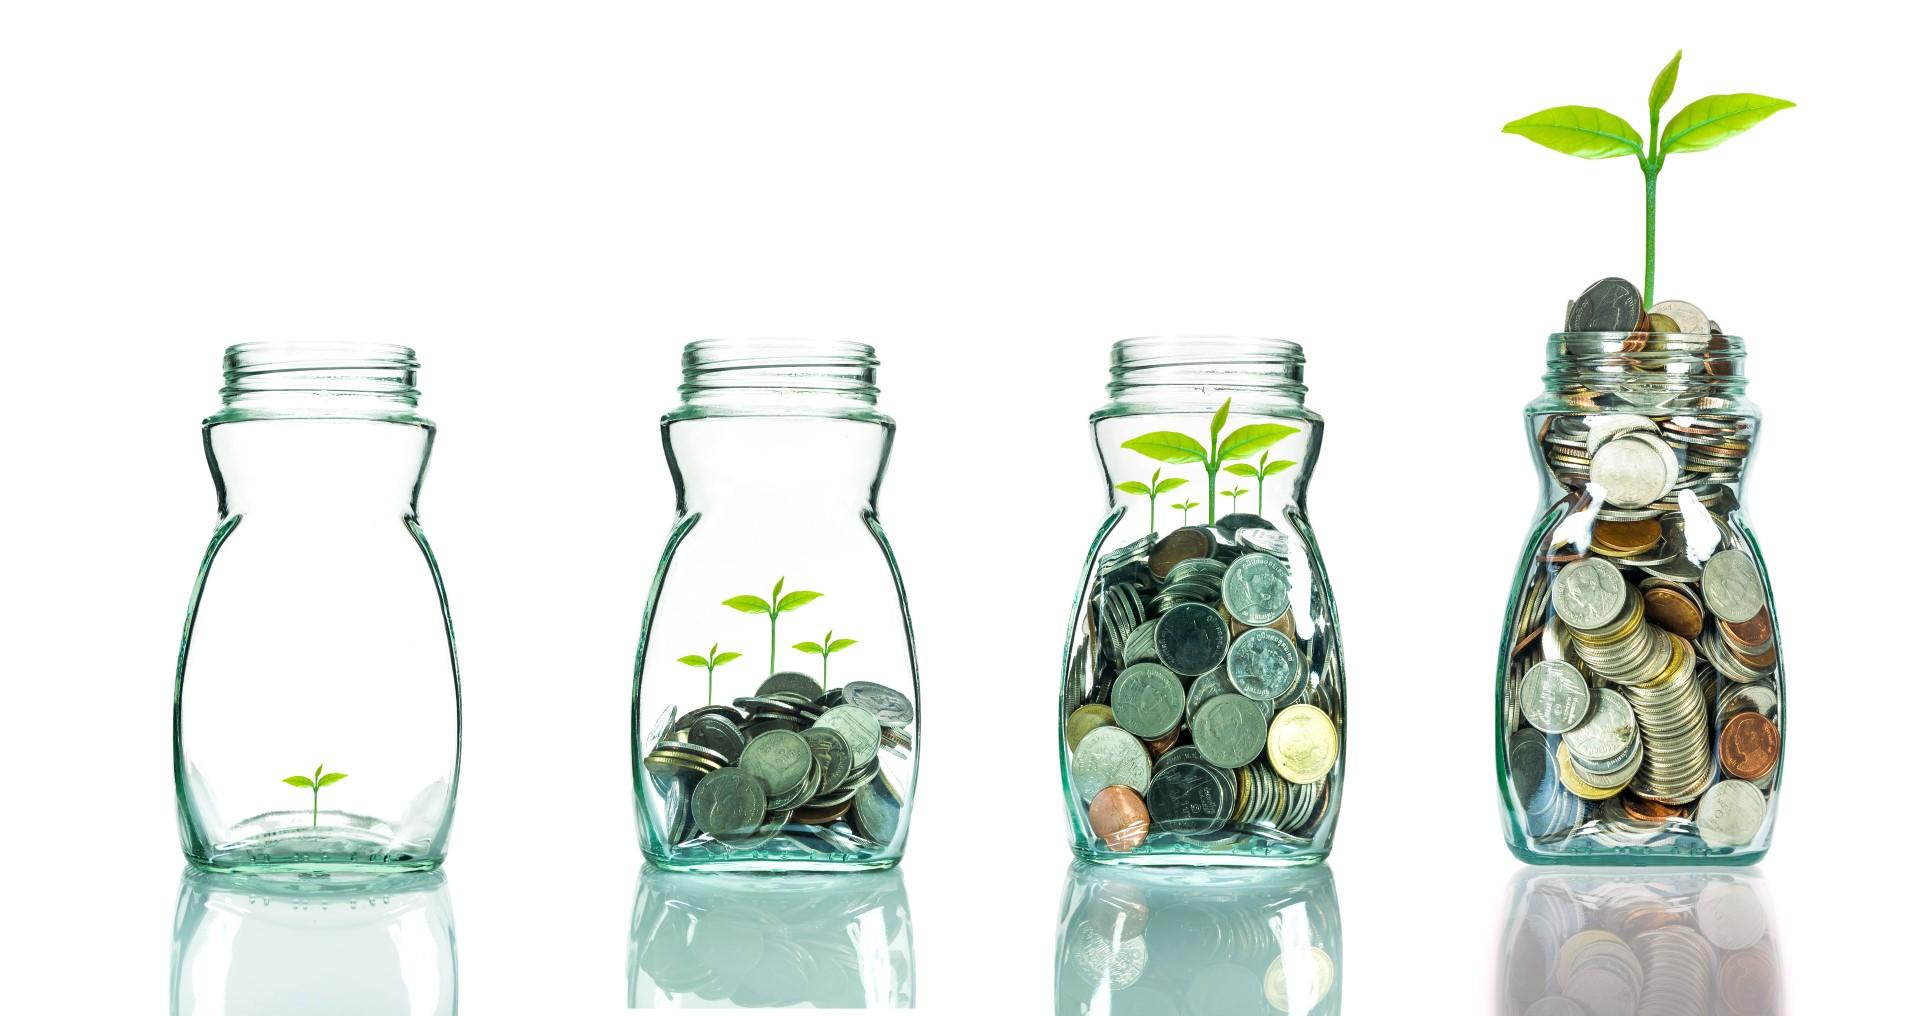 Възможно ли е? 3 малки стъпки по пътя към богатството